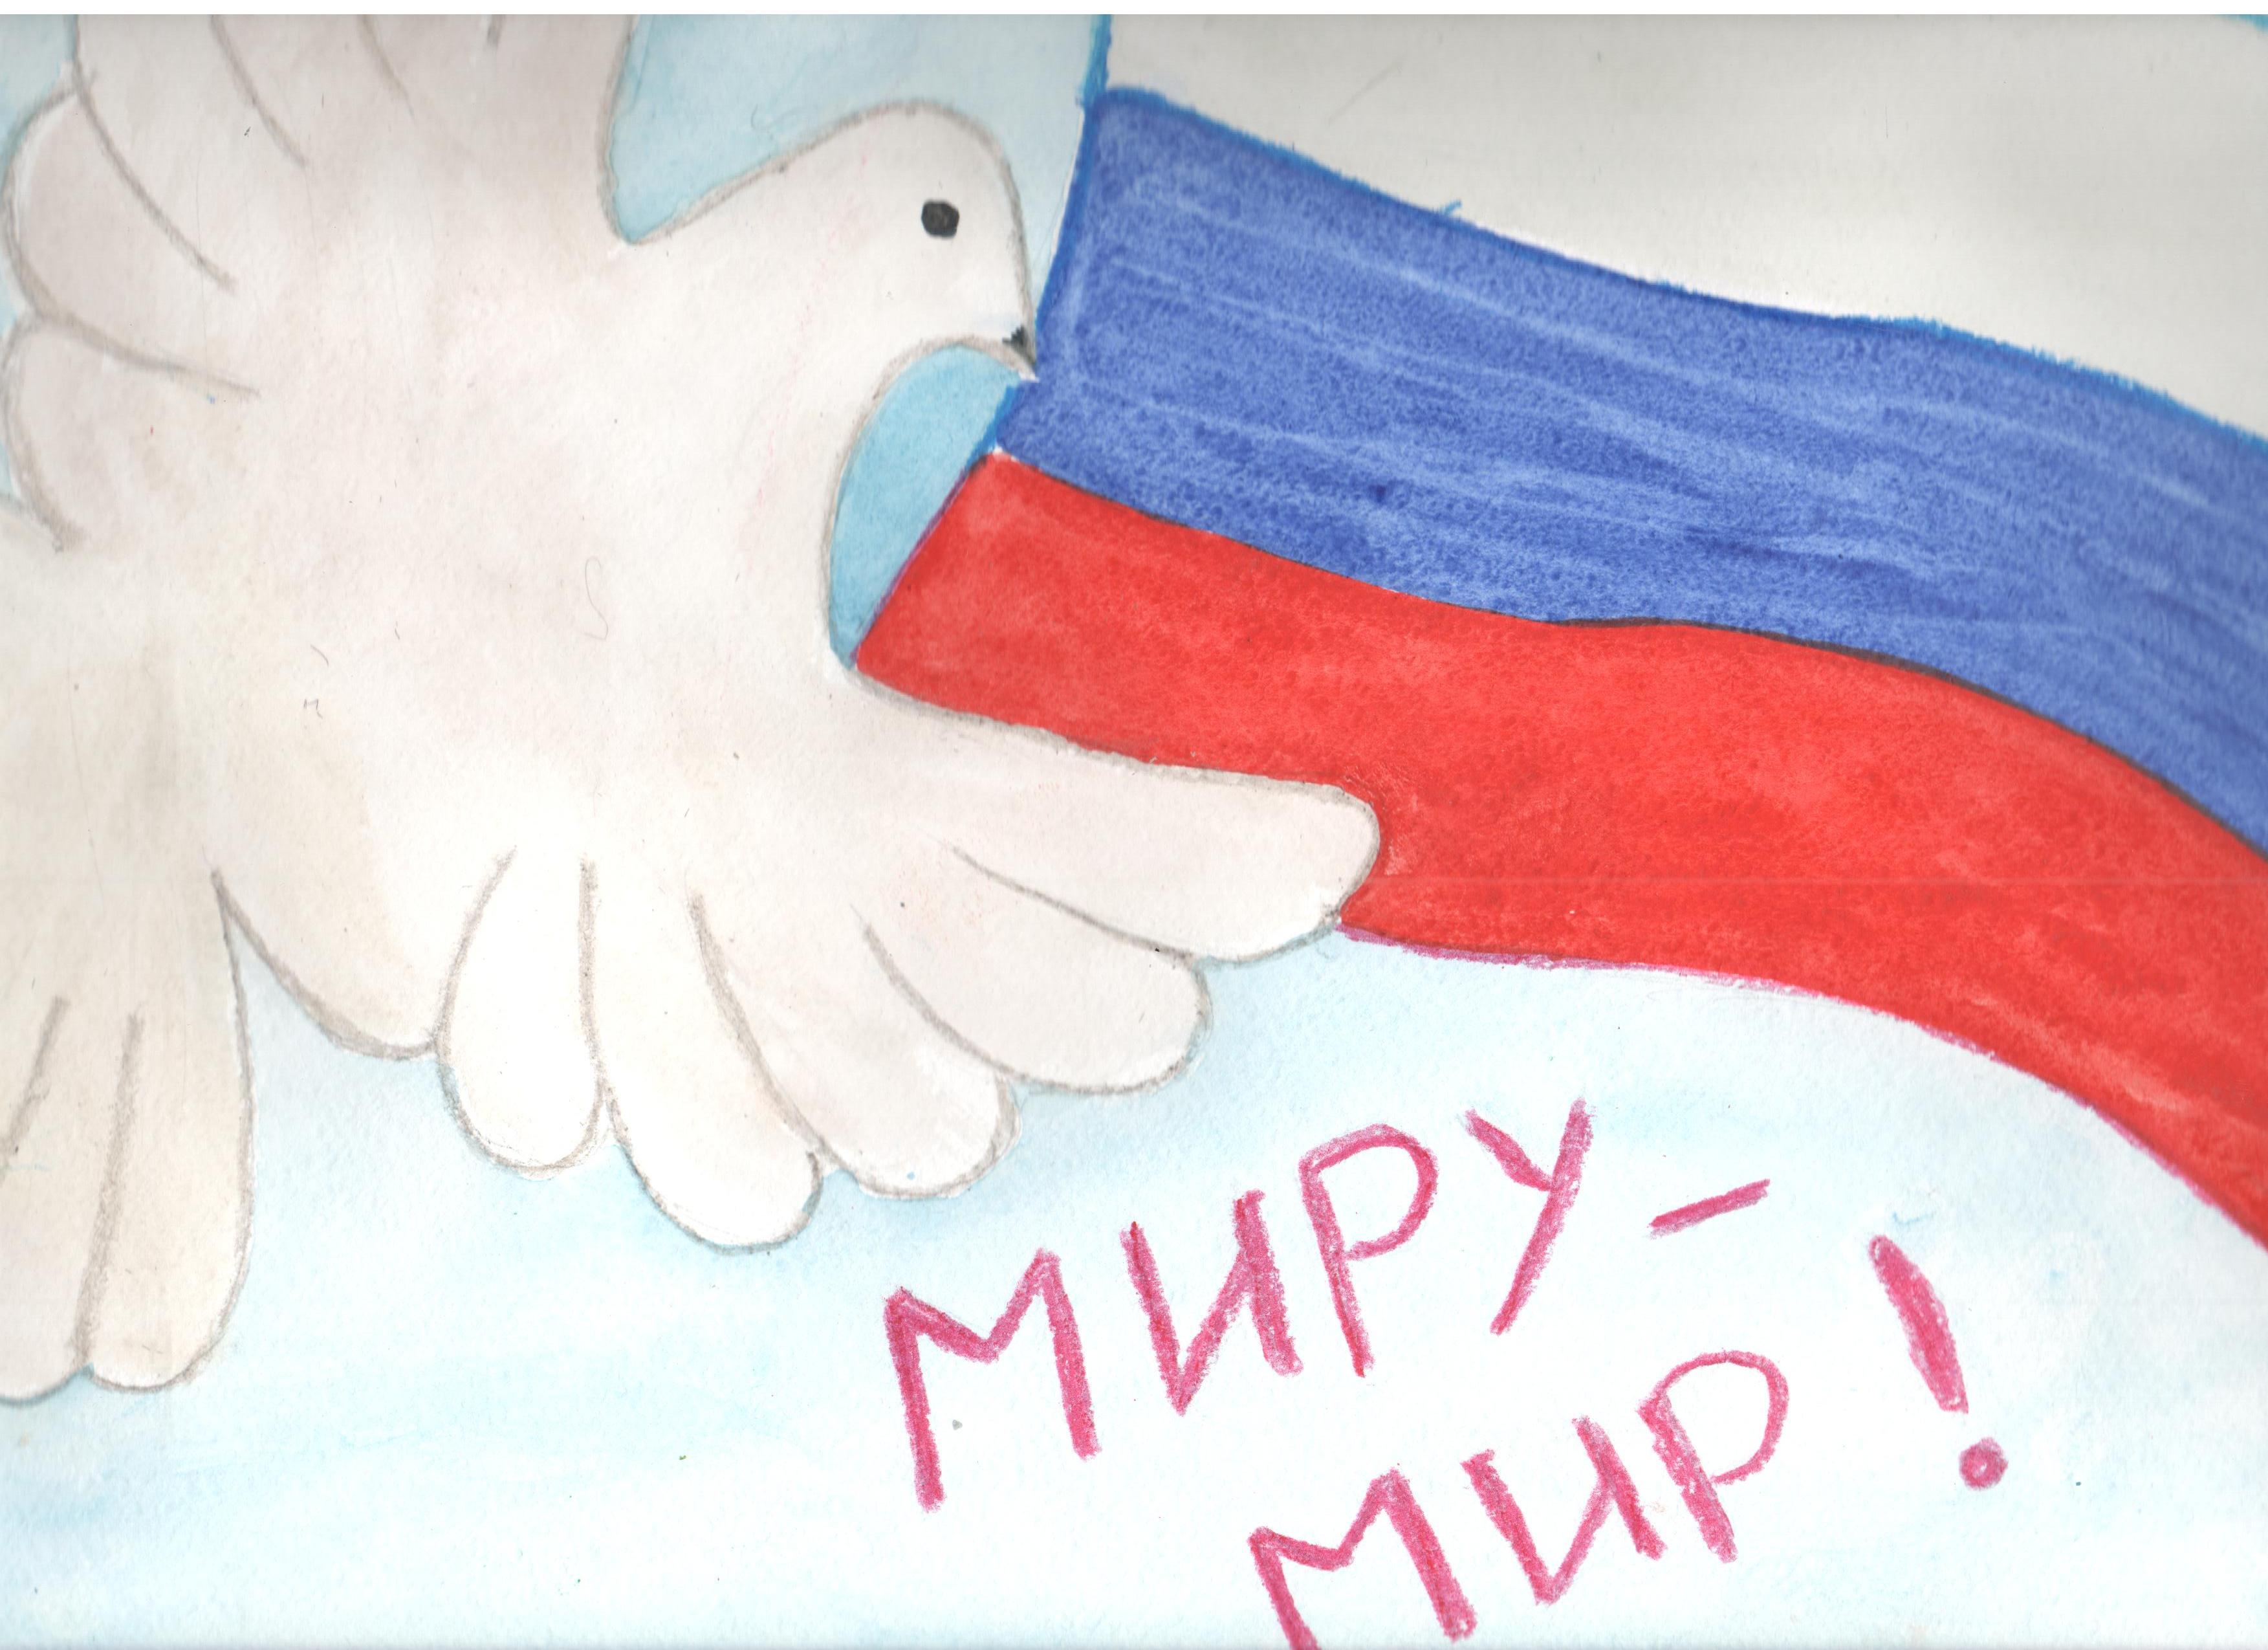 Киндякова Даша 7 лет_Миру мир